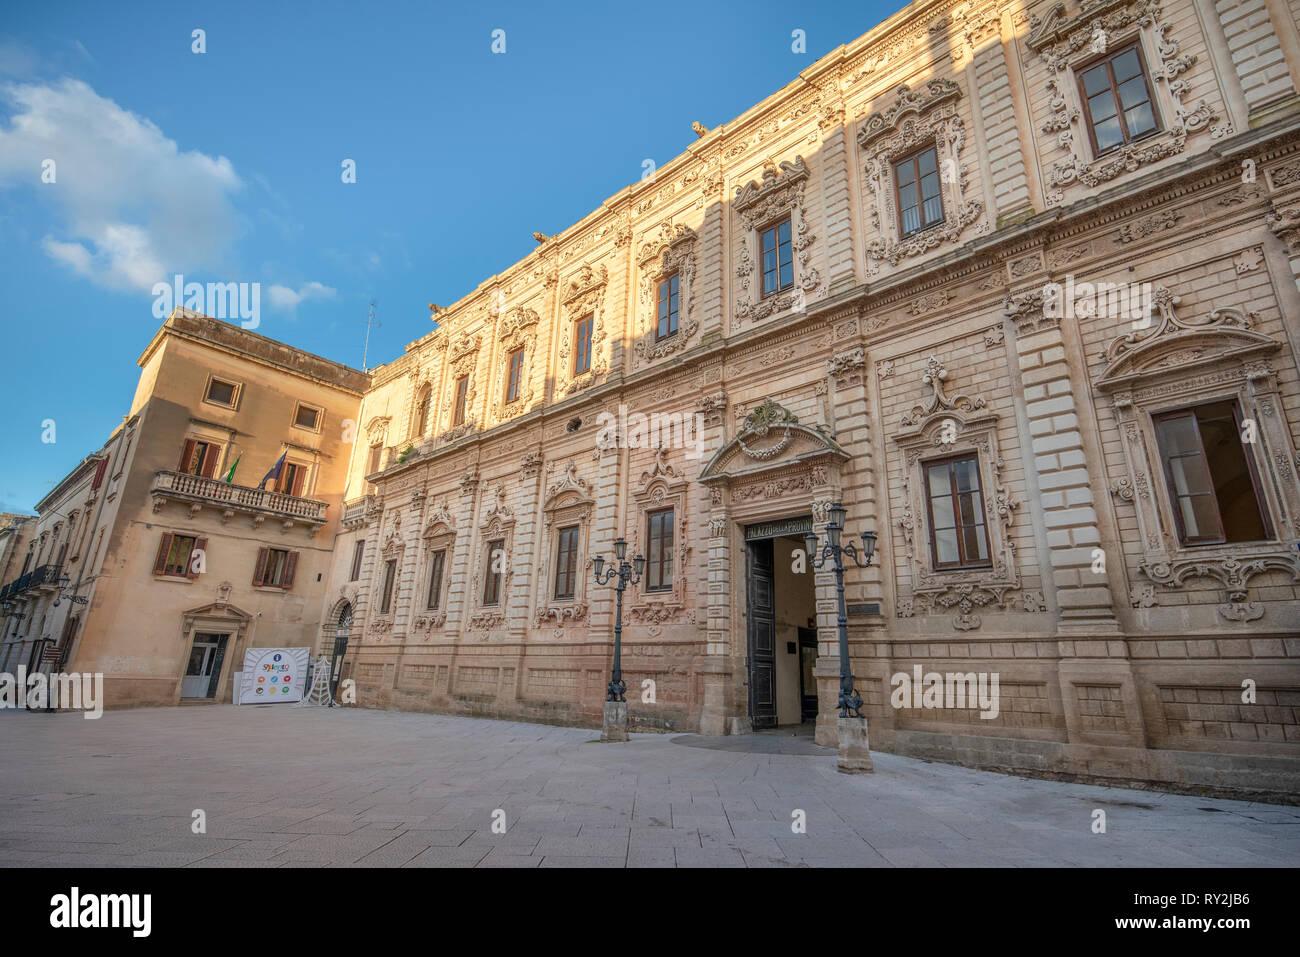 LECCE, Puglia, Italia - El Palazzo della Provincia (Palacio de Provincia) - Palazzo dei Celestines Celestini (Palacio) en el casco antiguo de la ciudad barroca. Región de Puglia. Imagen De Stock